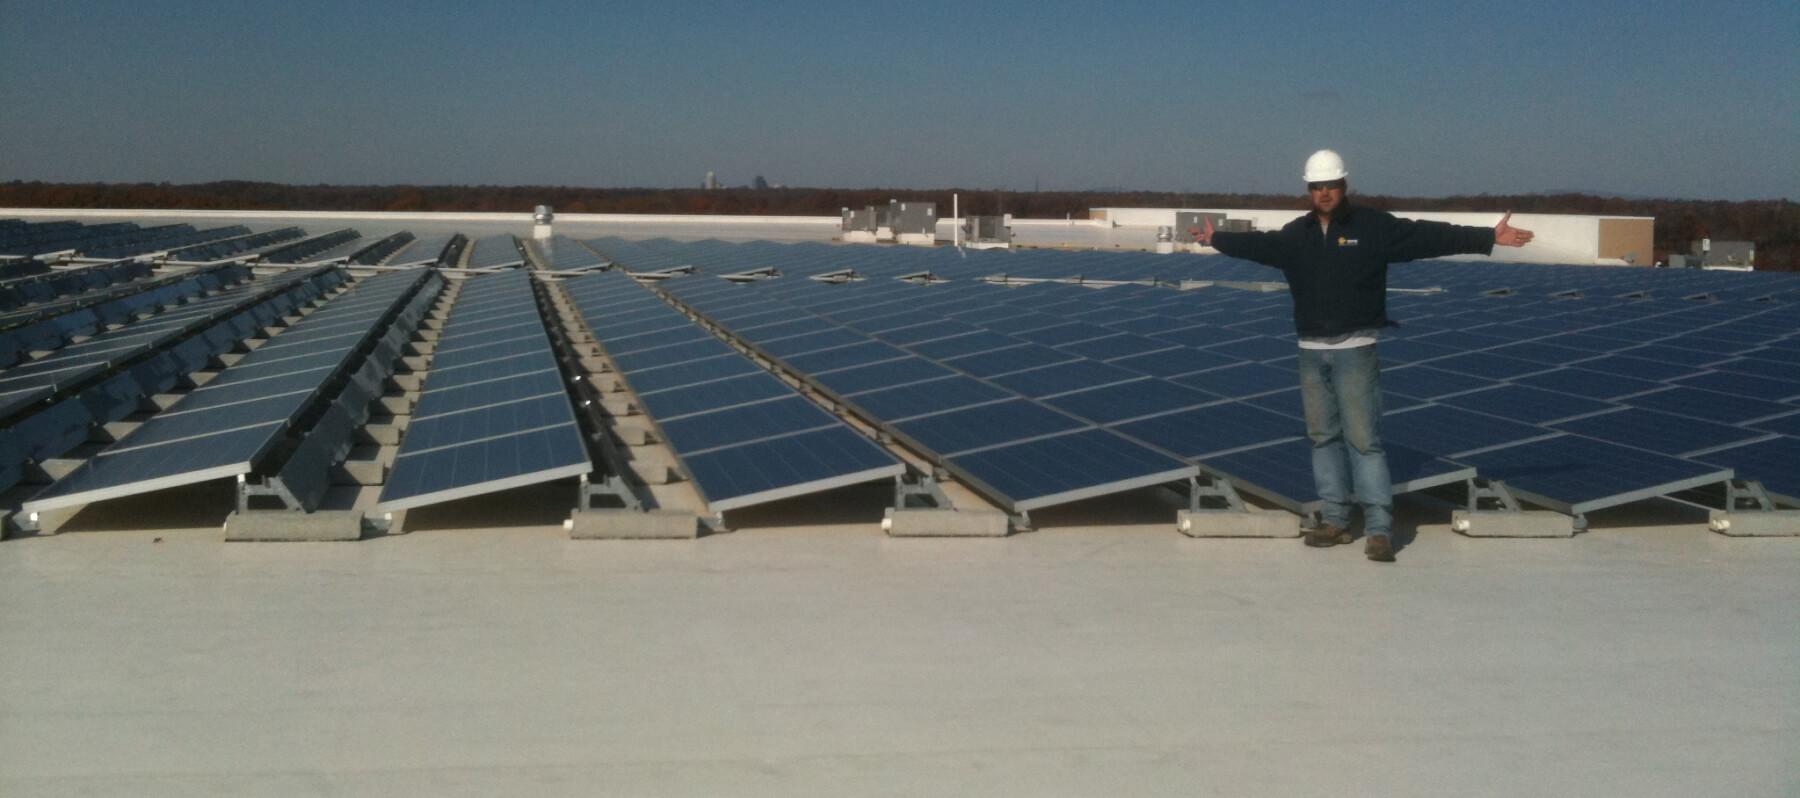 Jeff Redwine redgroupnc.com Forsyth County Solar